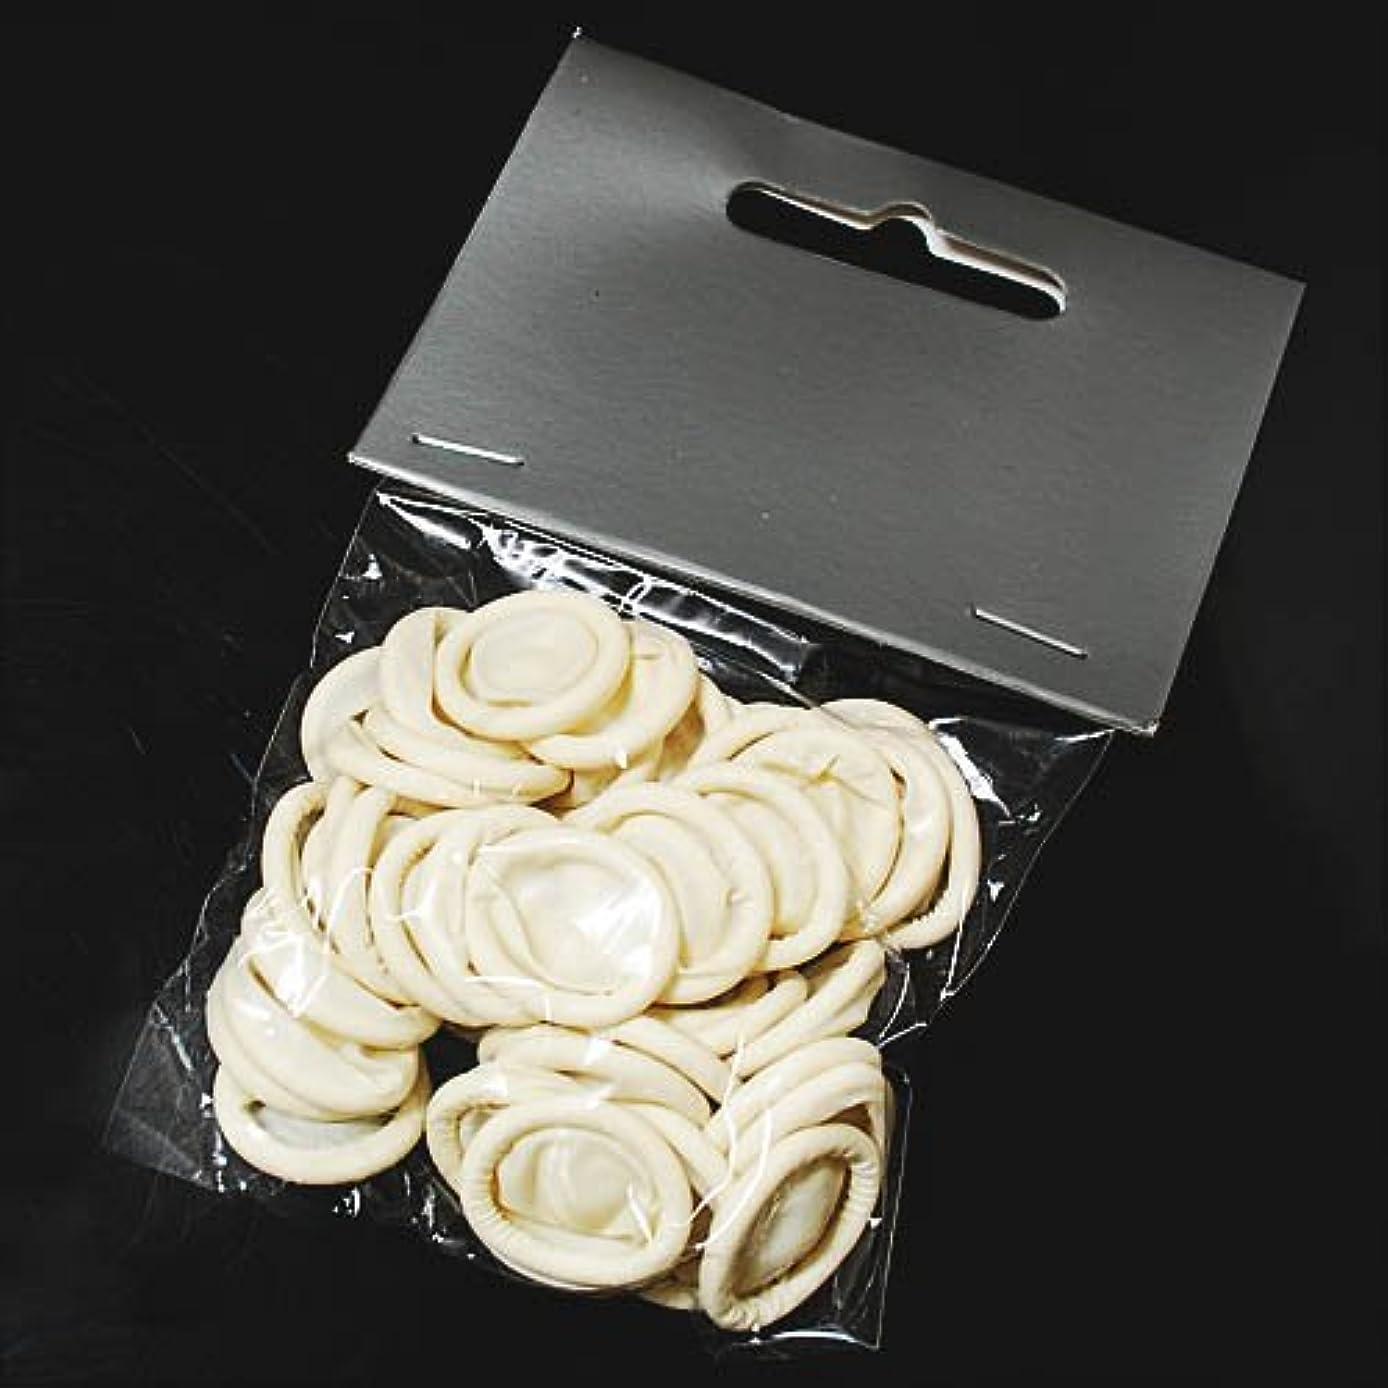 ジェルネイル のオフに使える ジェルネイルオフカバー [50個] フィンガーキャップ